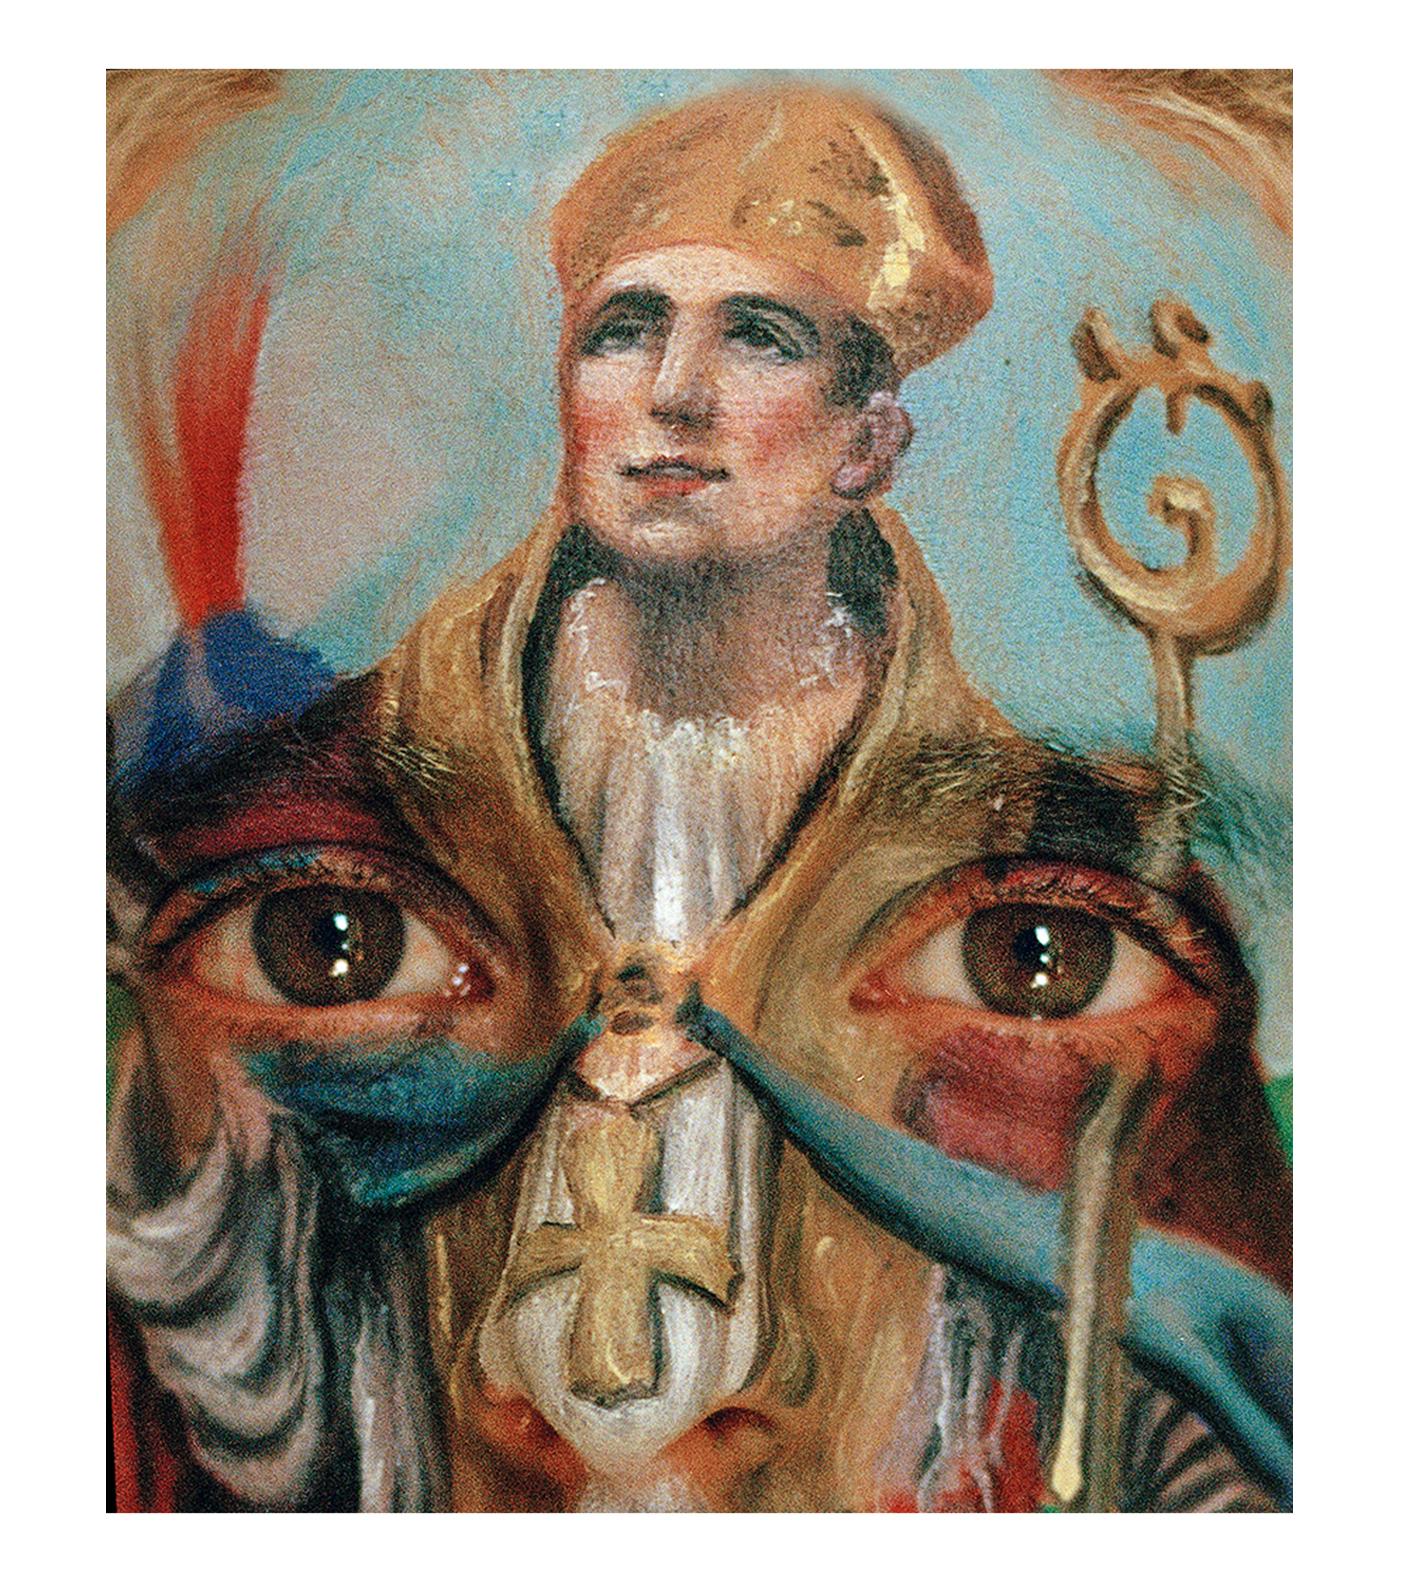 carmine romano napoli personaggi volti portrait